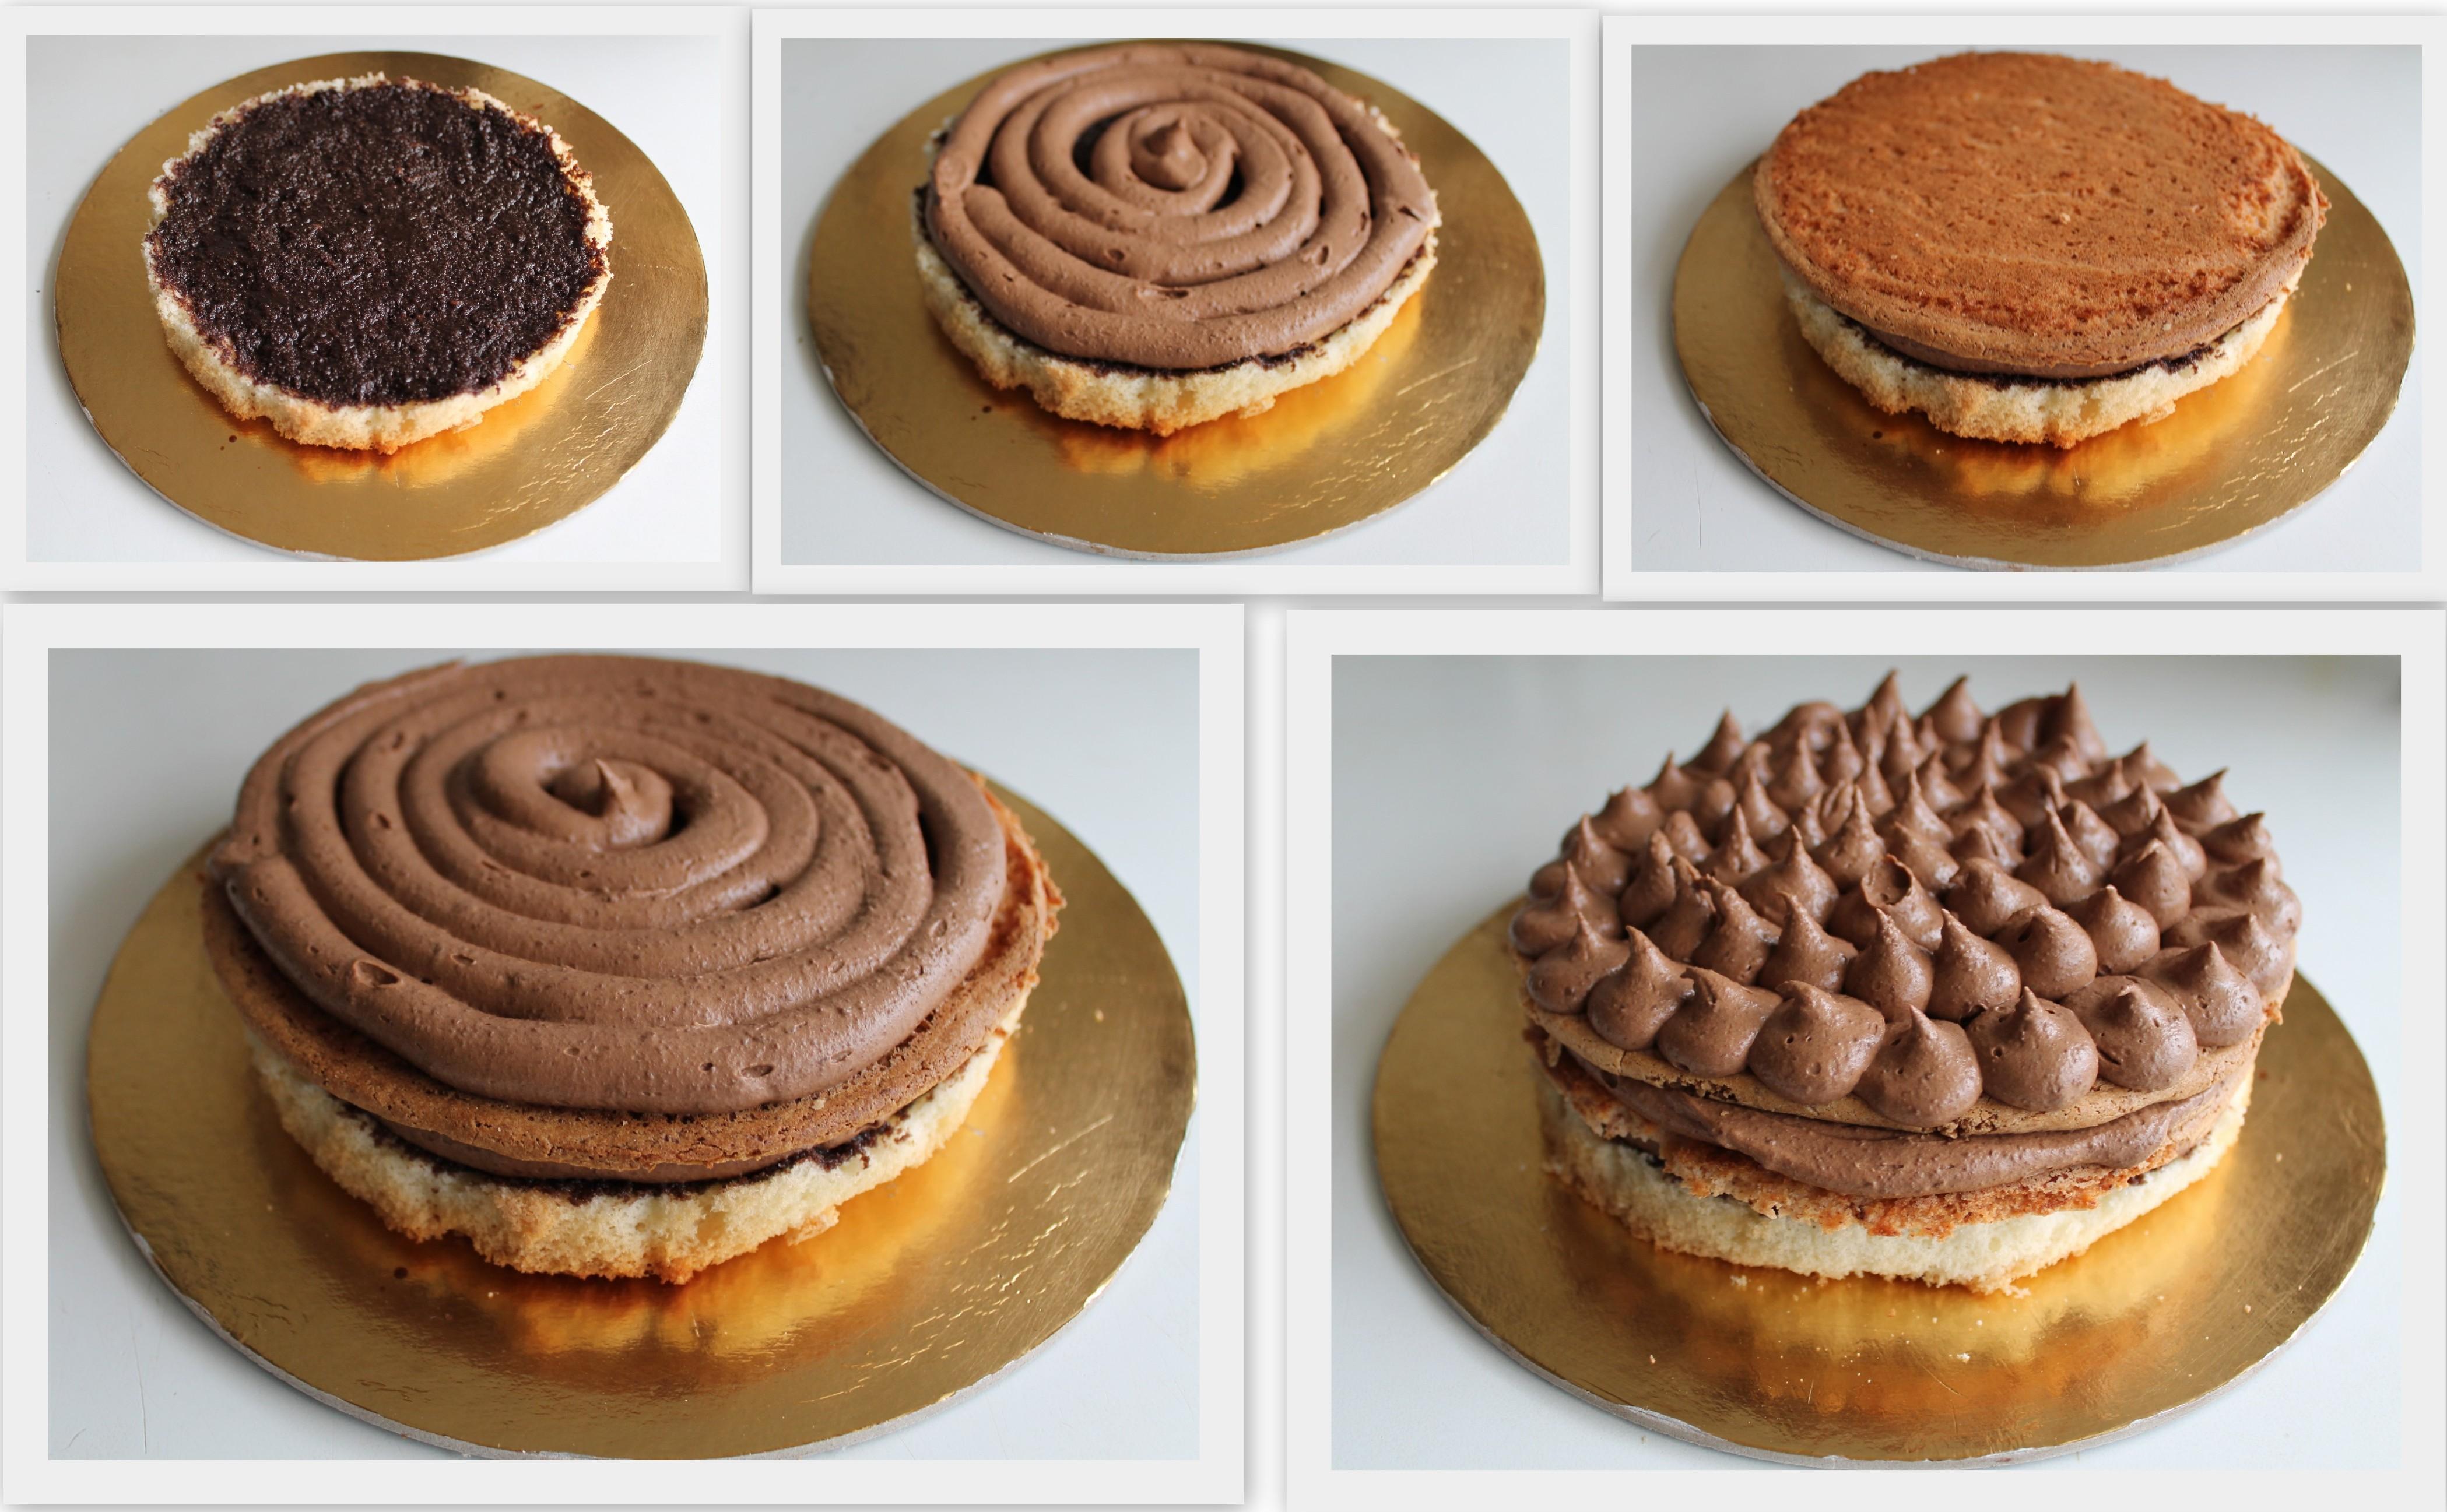 Chococake senza glutine - La Cassata Celiaca